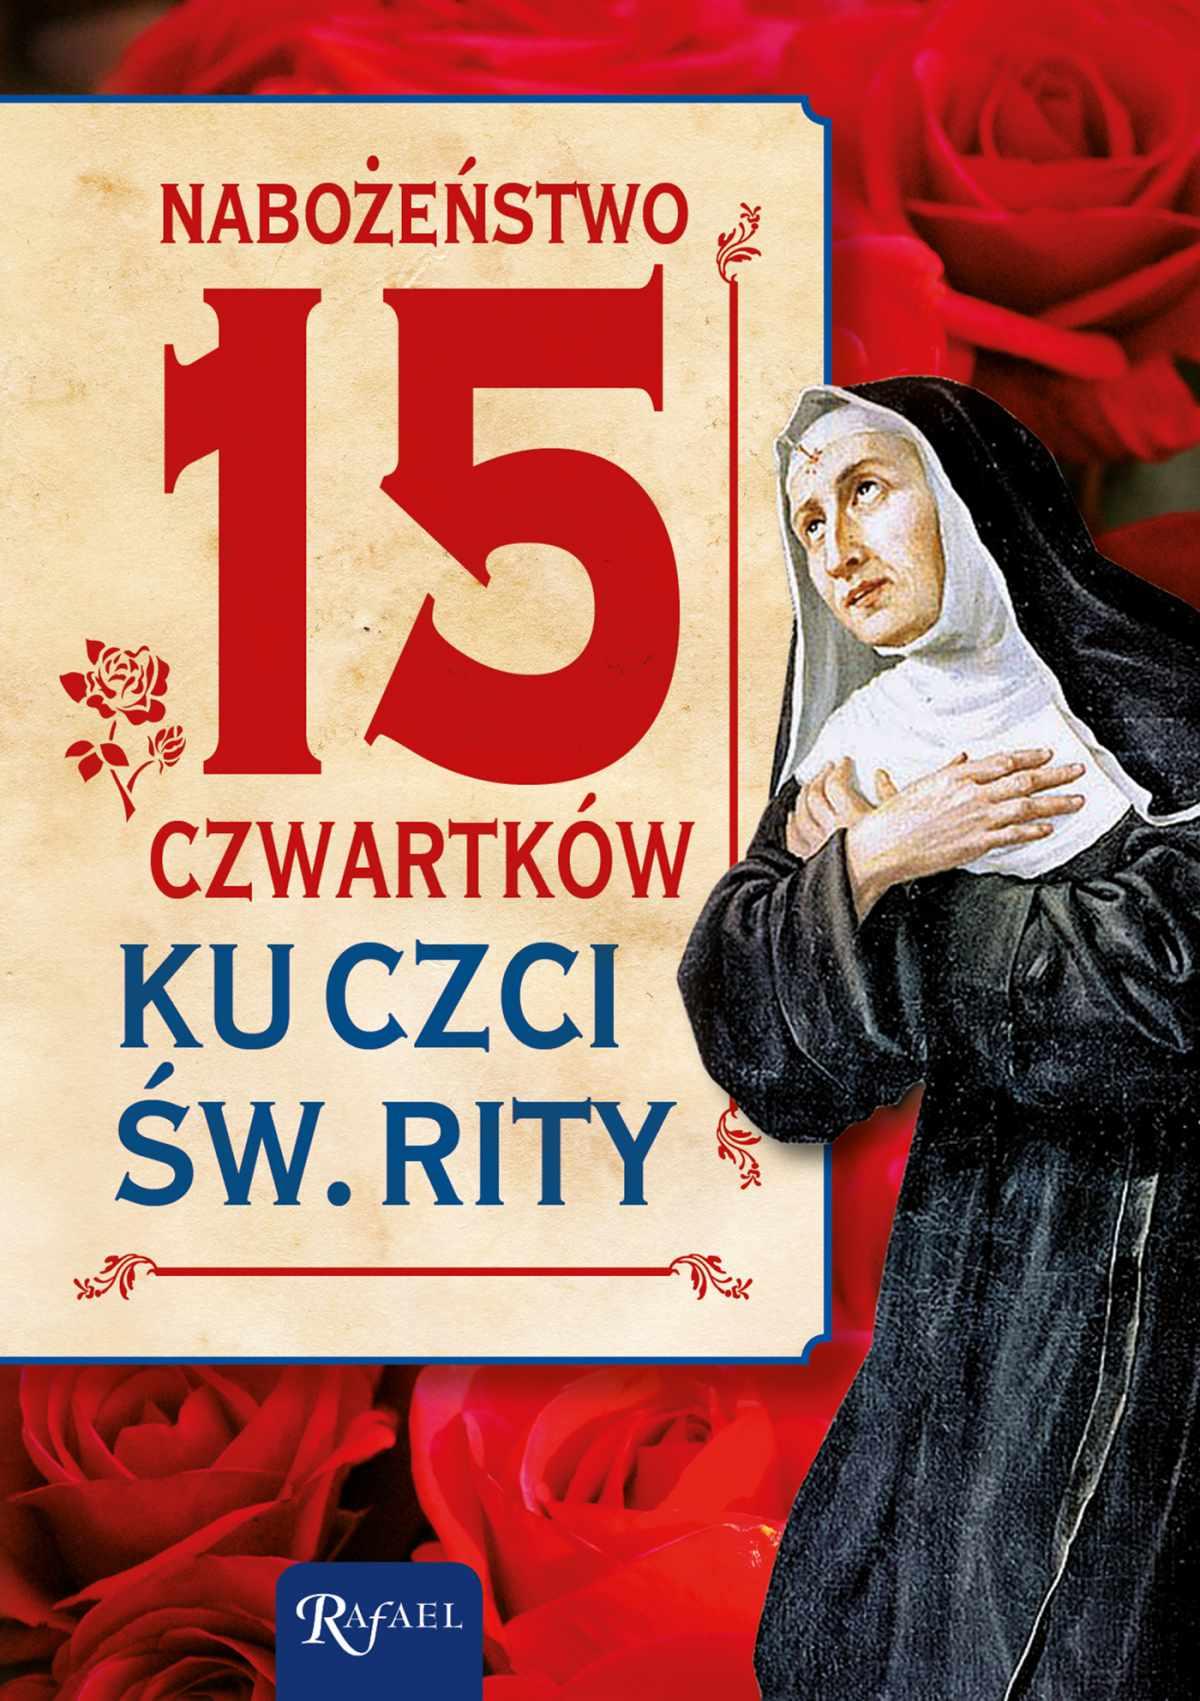 Nabożeństwo 15 czwartków ku czci św. Rity - Ebook (Książka EPUB) do pobrania w formacie EPUB